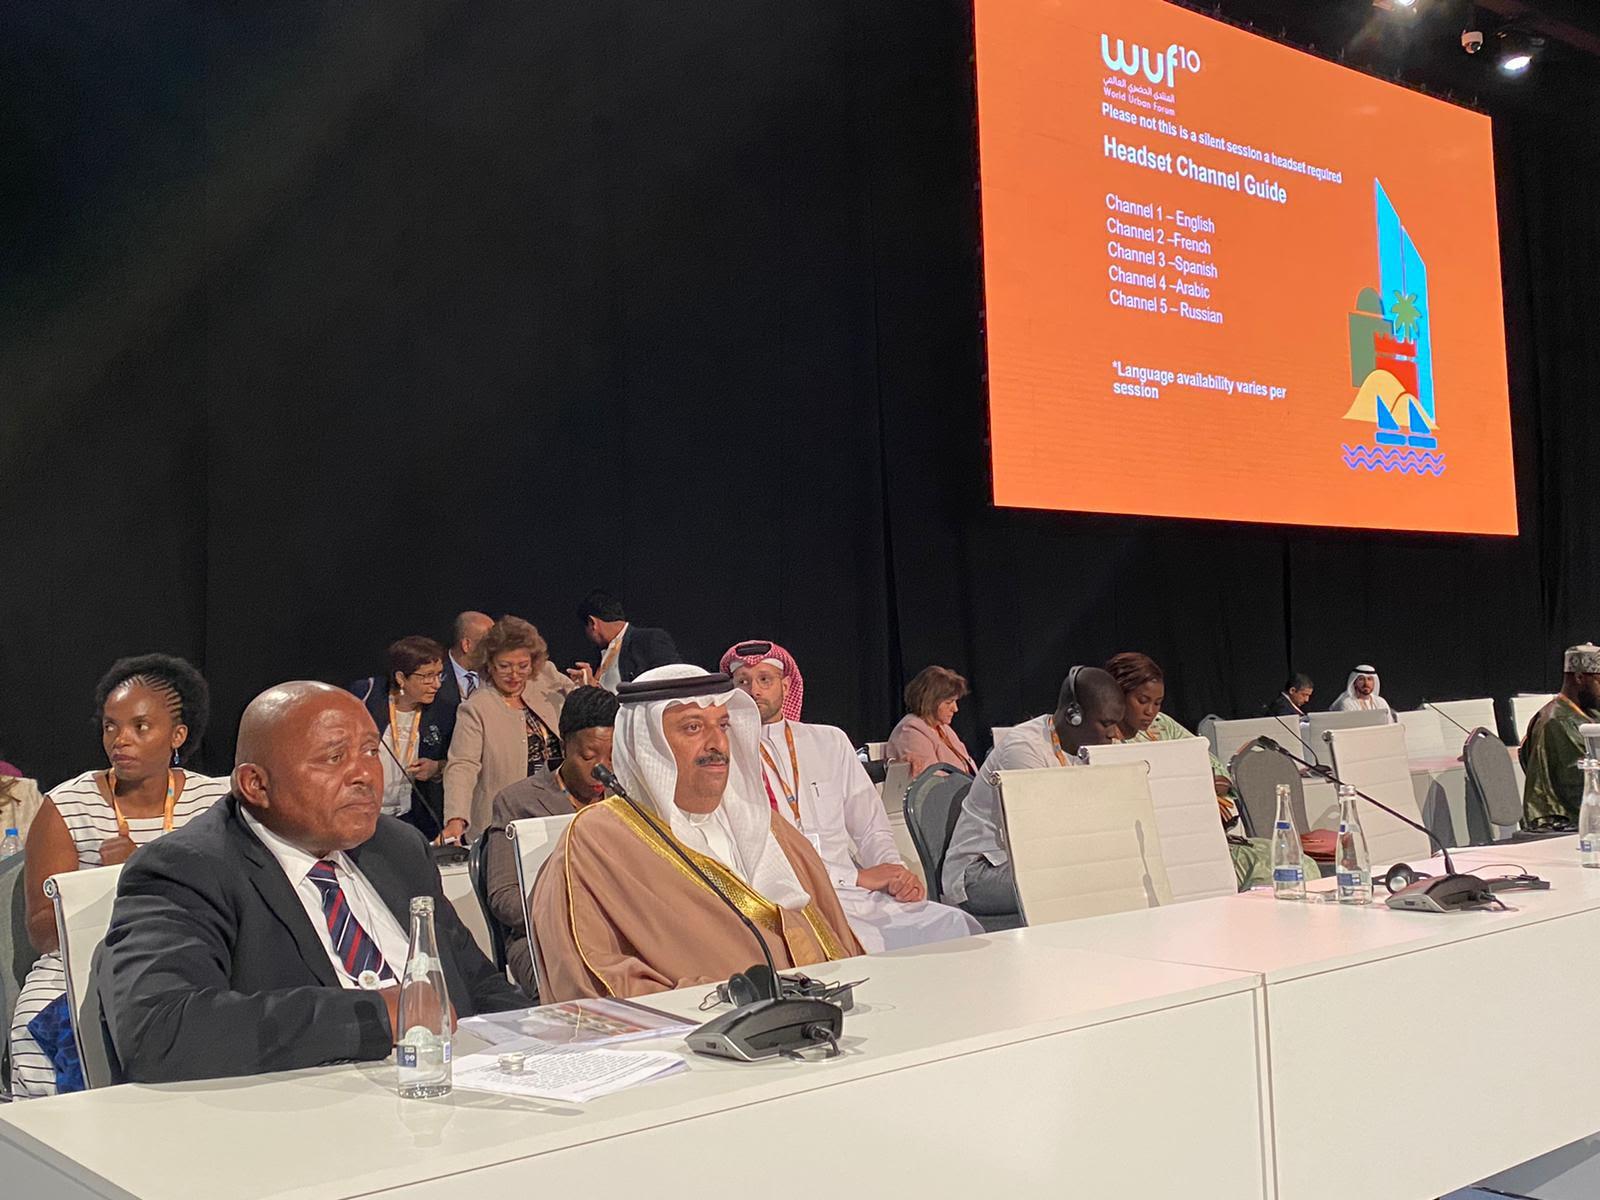 """وكيل وزارة الإسكان"""" يؤكد مواصلة تنفيذ جميع البرامج اللازمة لتحقيق أهداف التنمية المستدامة"""""""